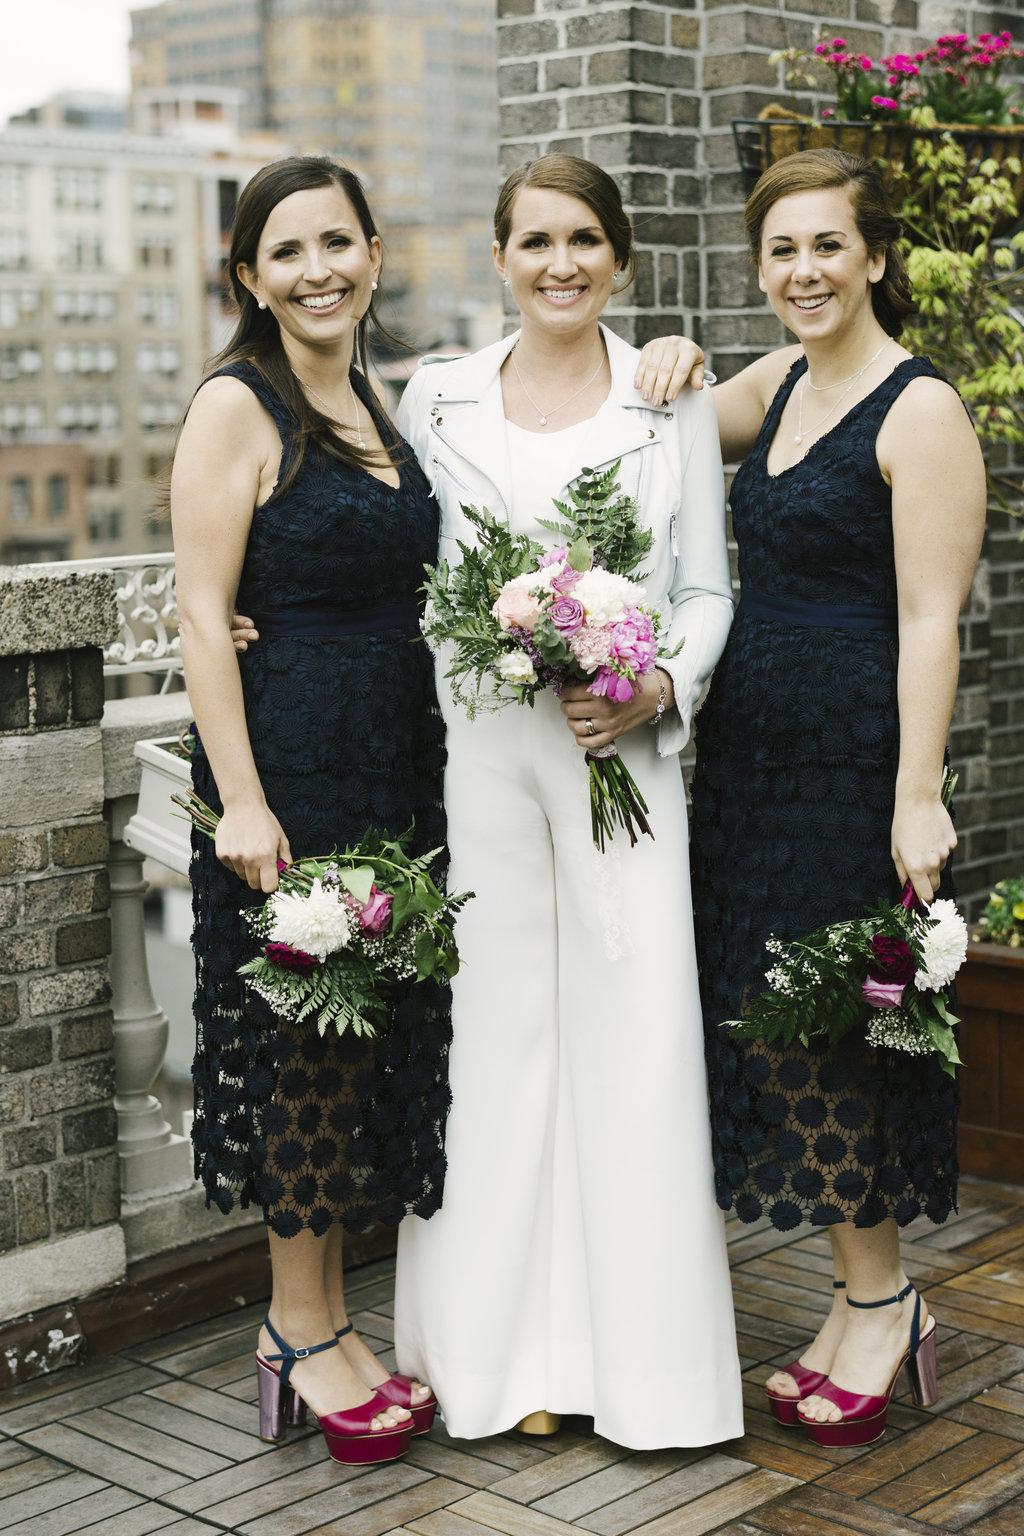 Nathalie Kraynina Bride At The Big Fake WeddingAliciaKingPhotographyBigFakeWedding273.jpg